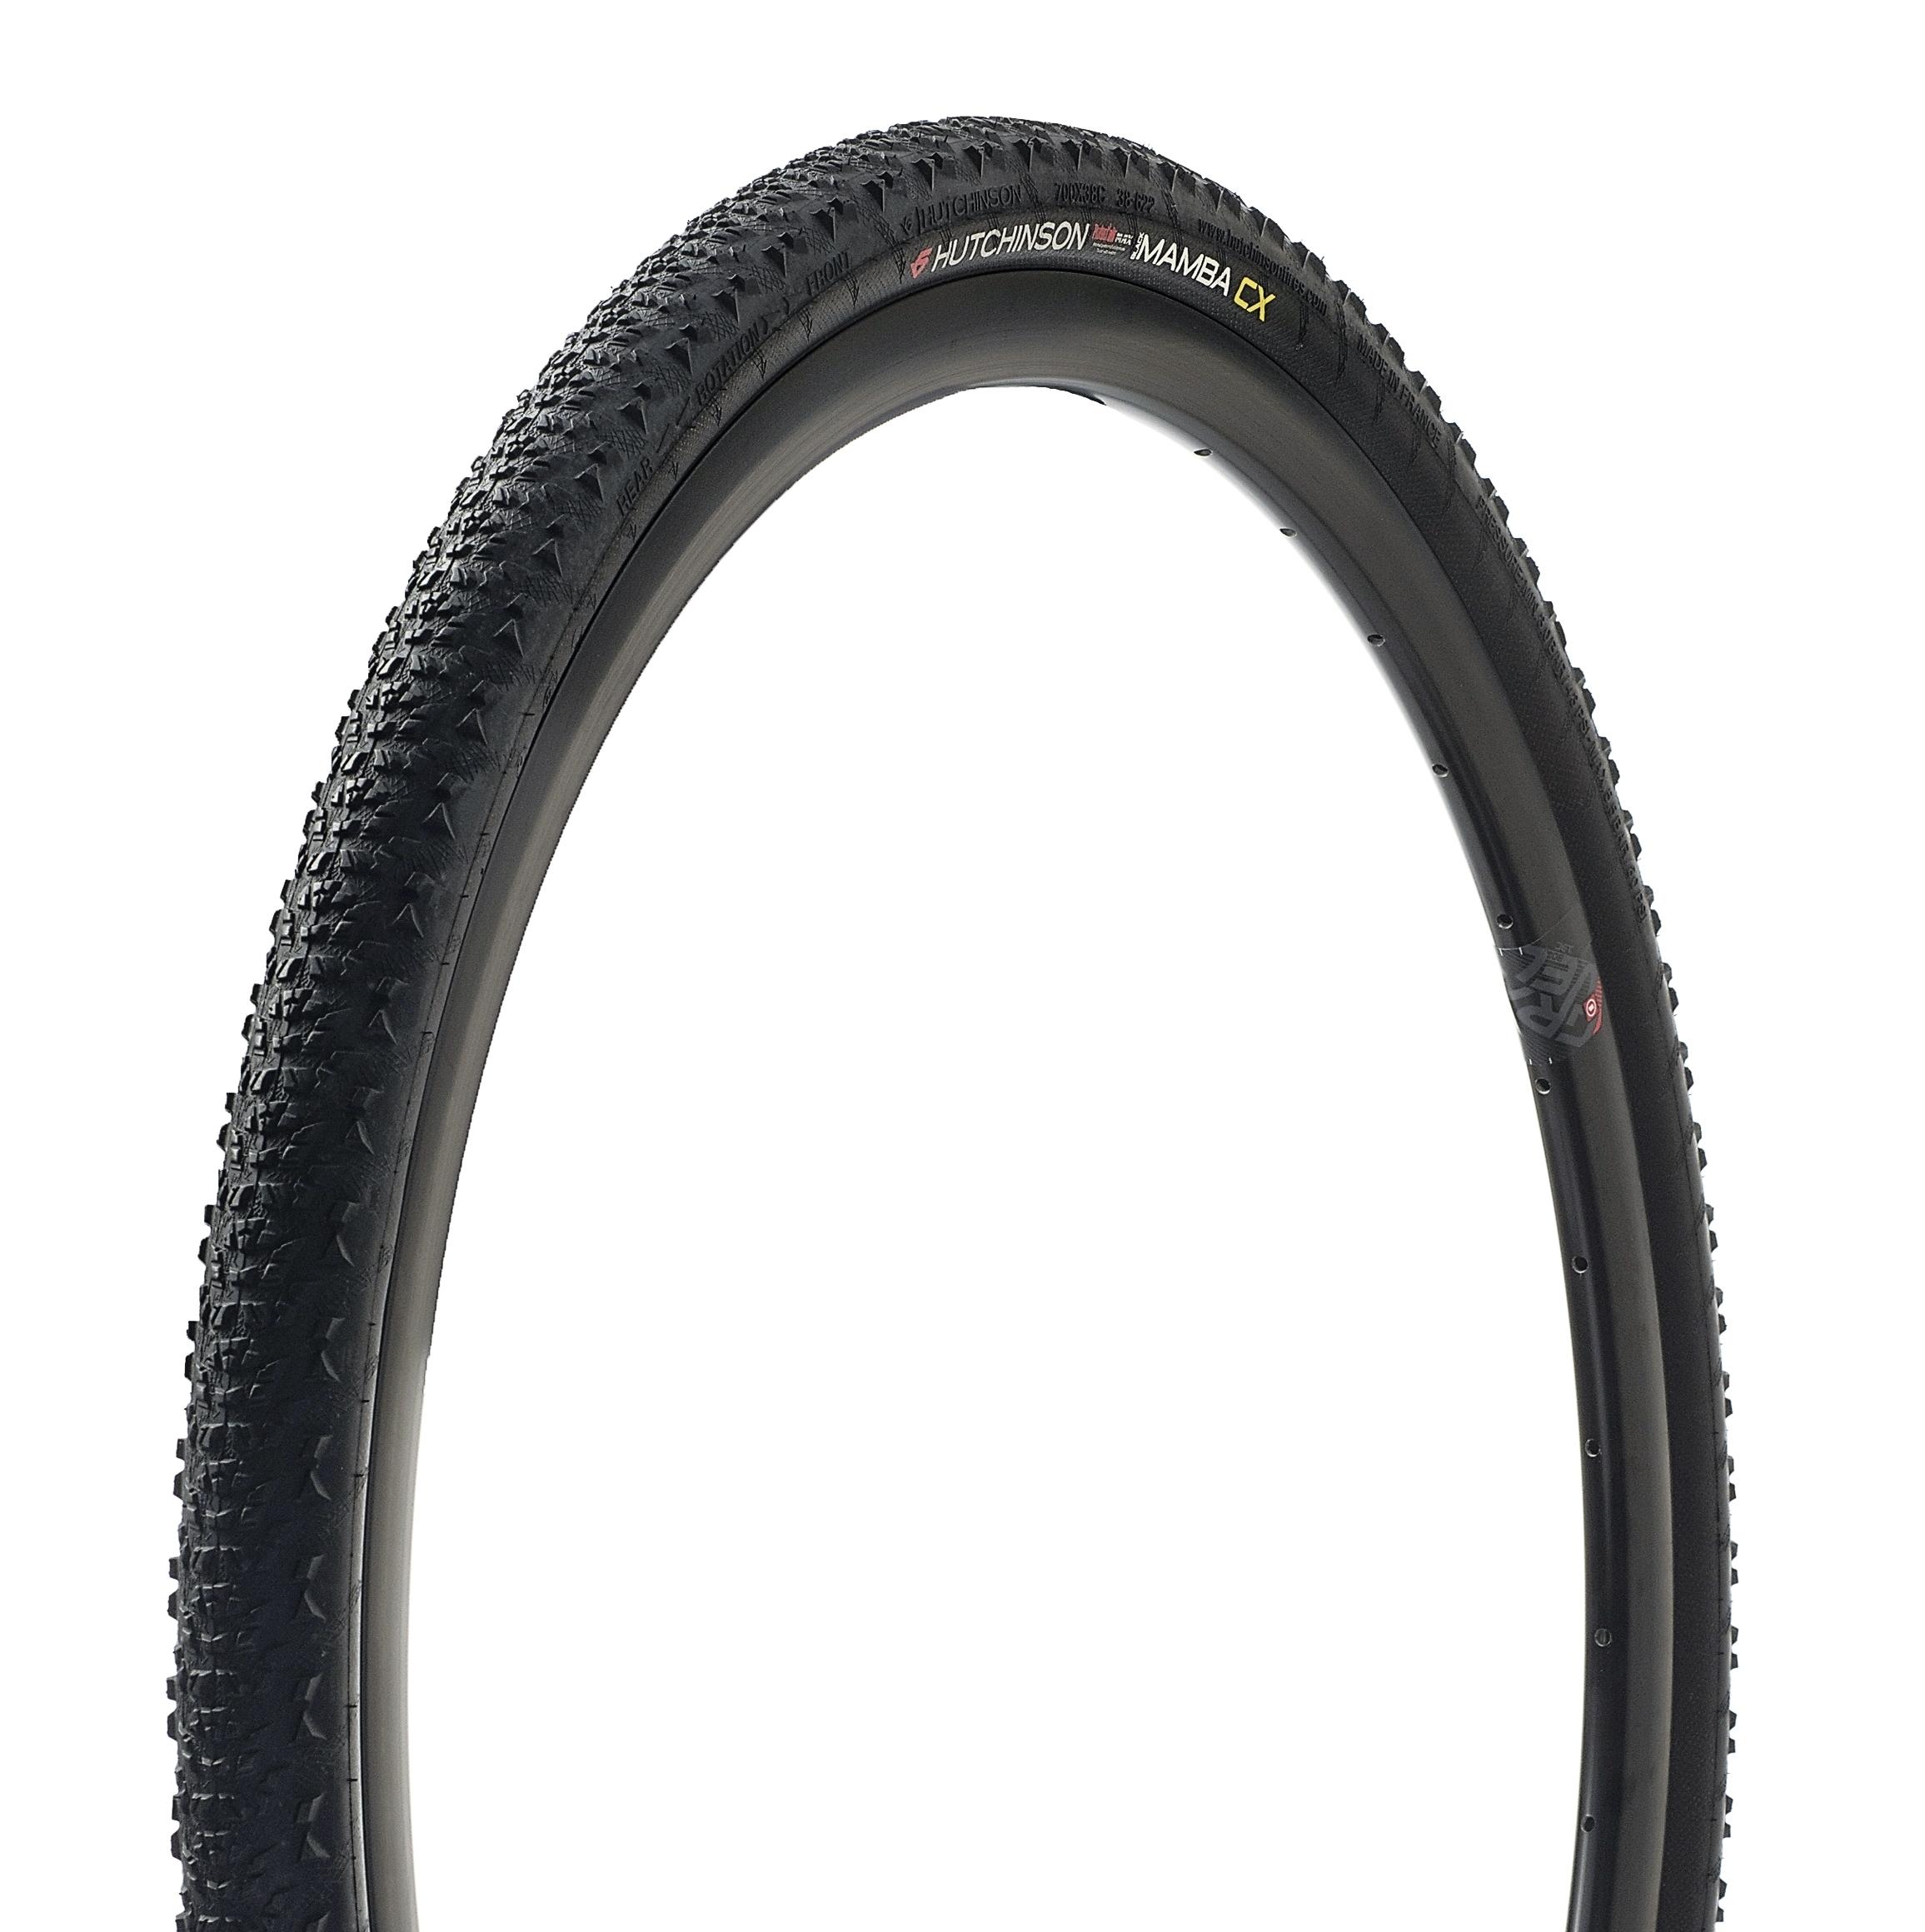 plášť HUTCH. BLACK MAMBA CX 700x38 TLR kevlar,črn. od ninex.cz